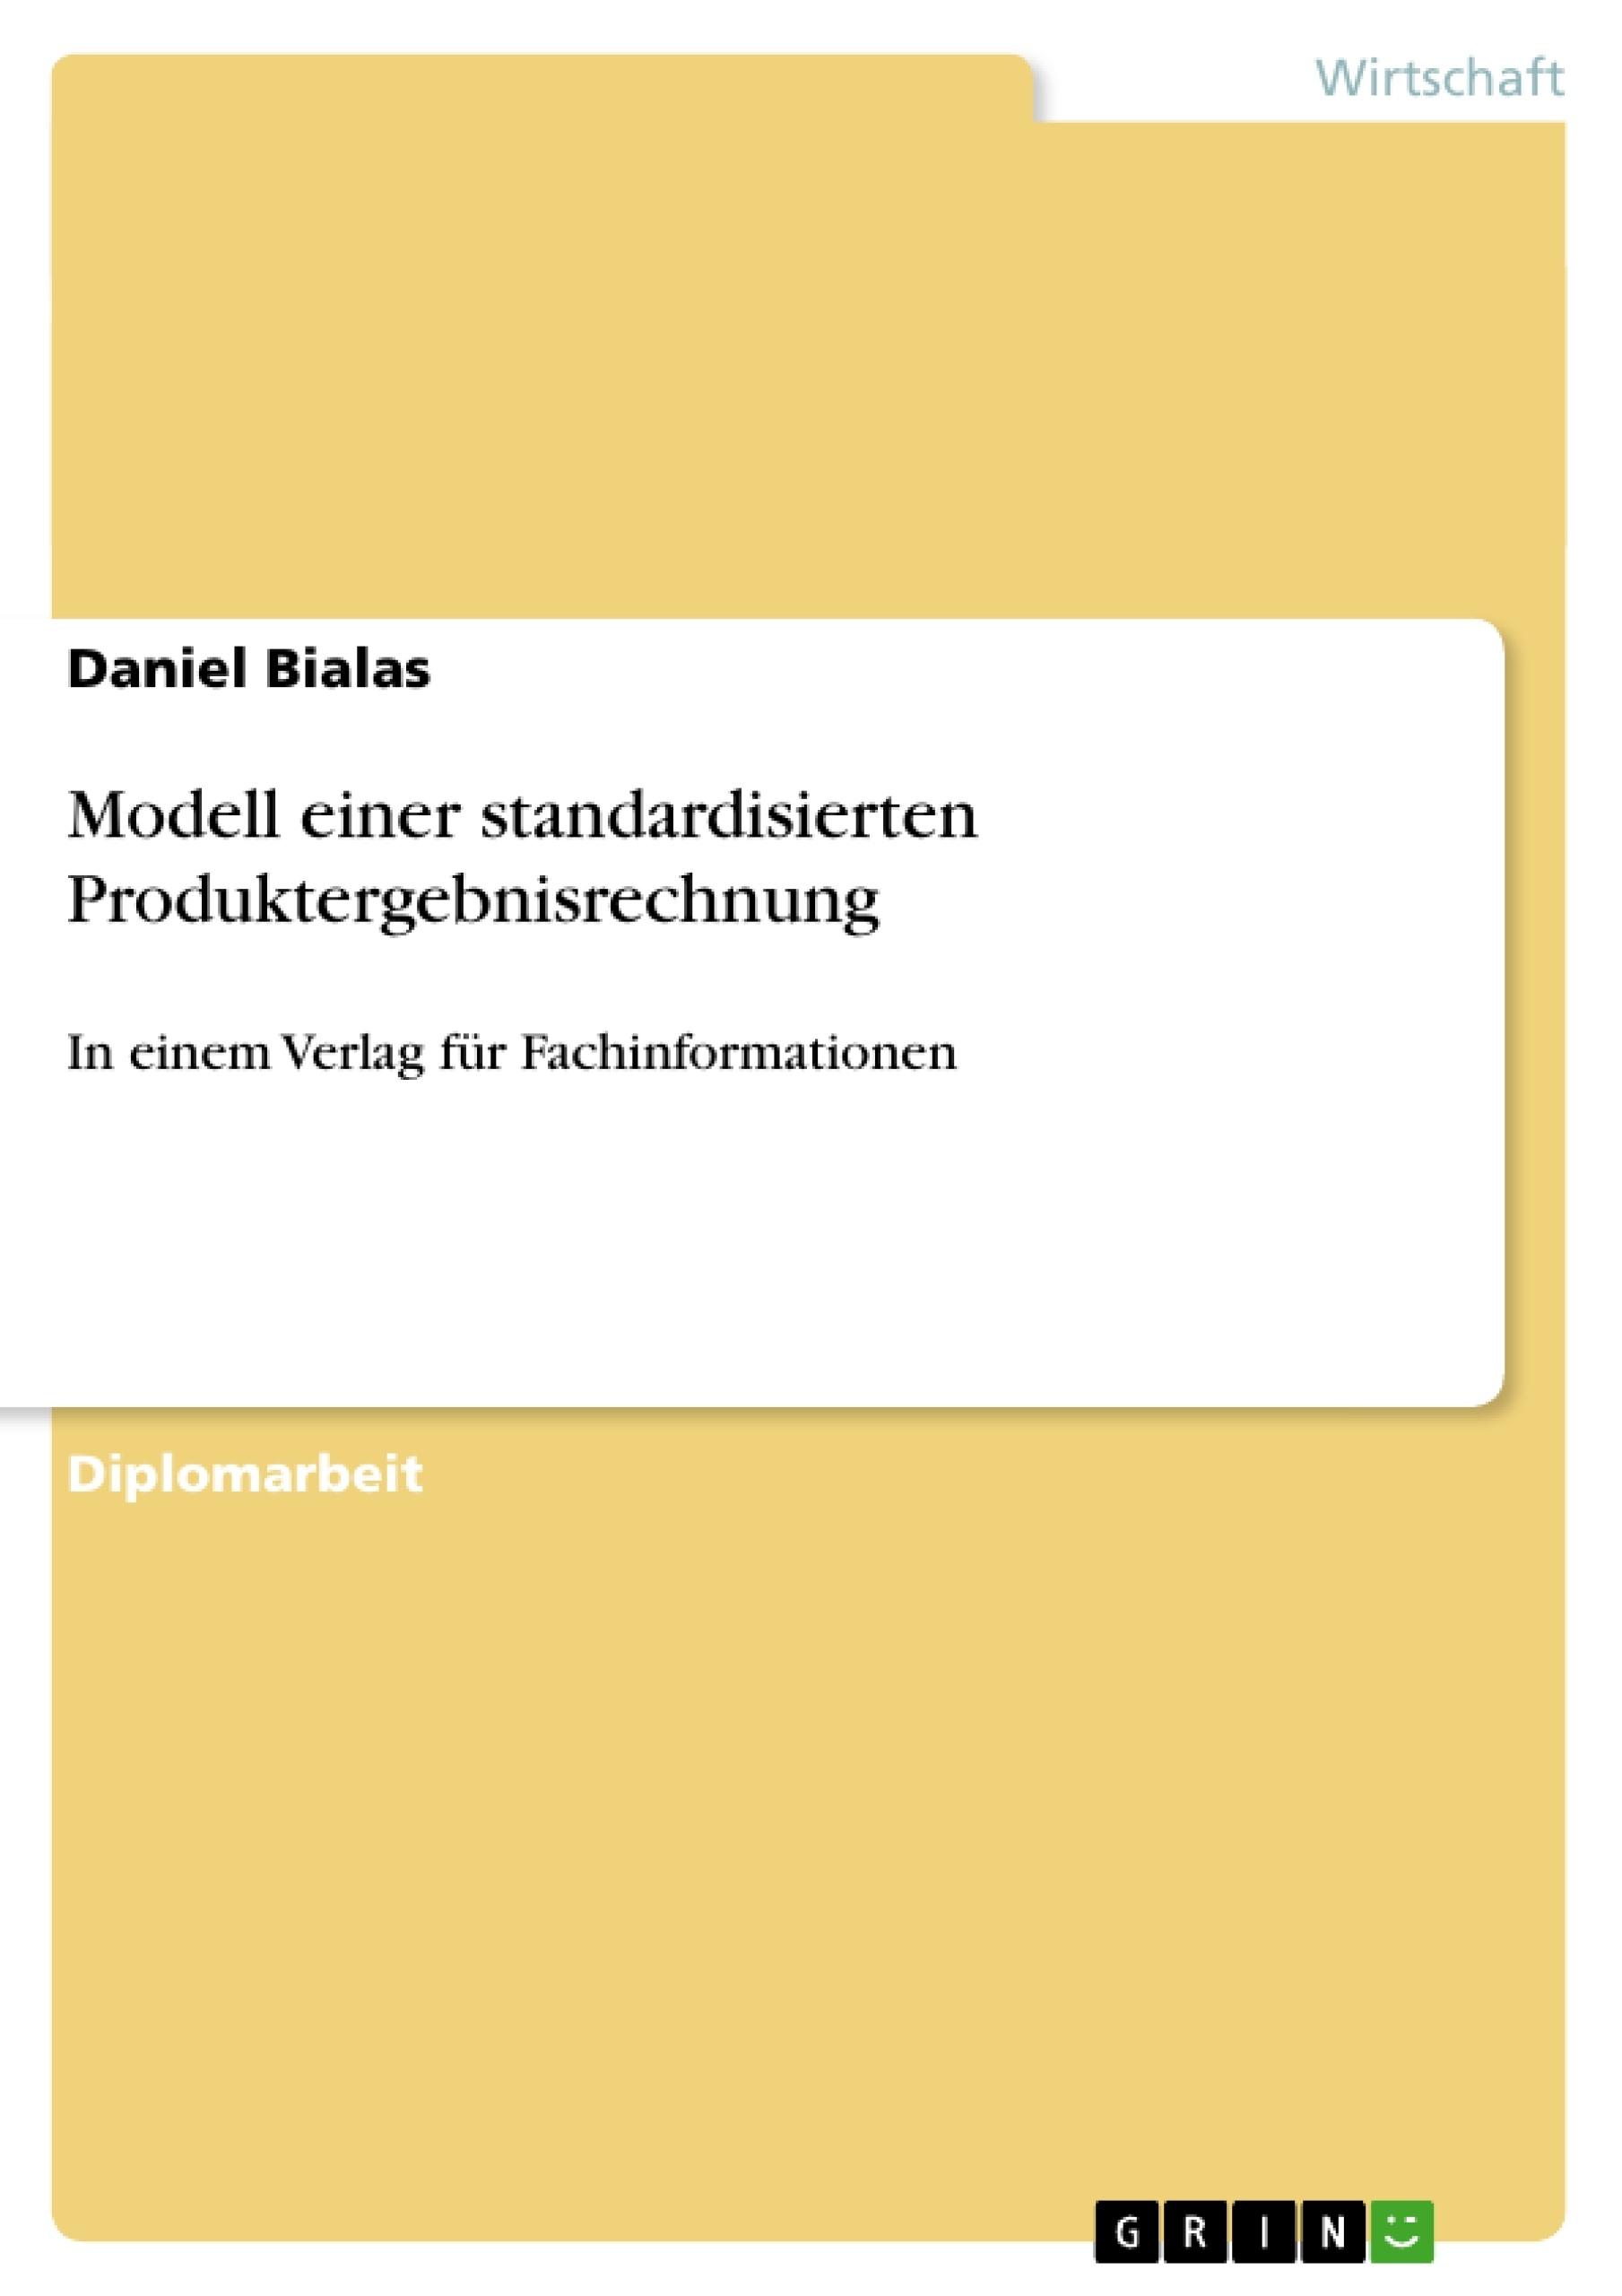 Titel: Modell einer standardisierten Produktergebnisrechnung